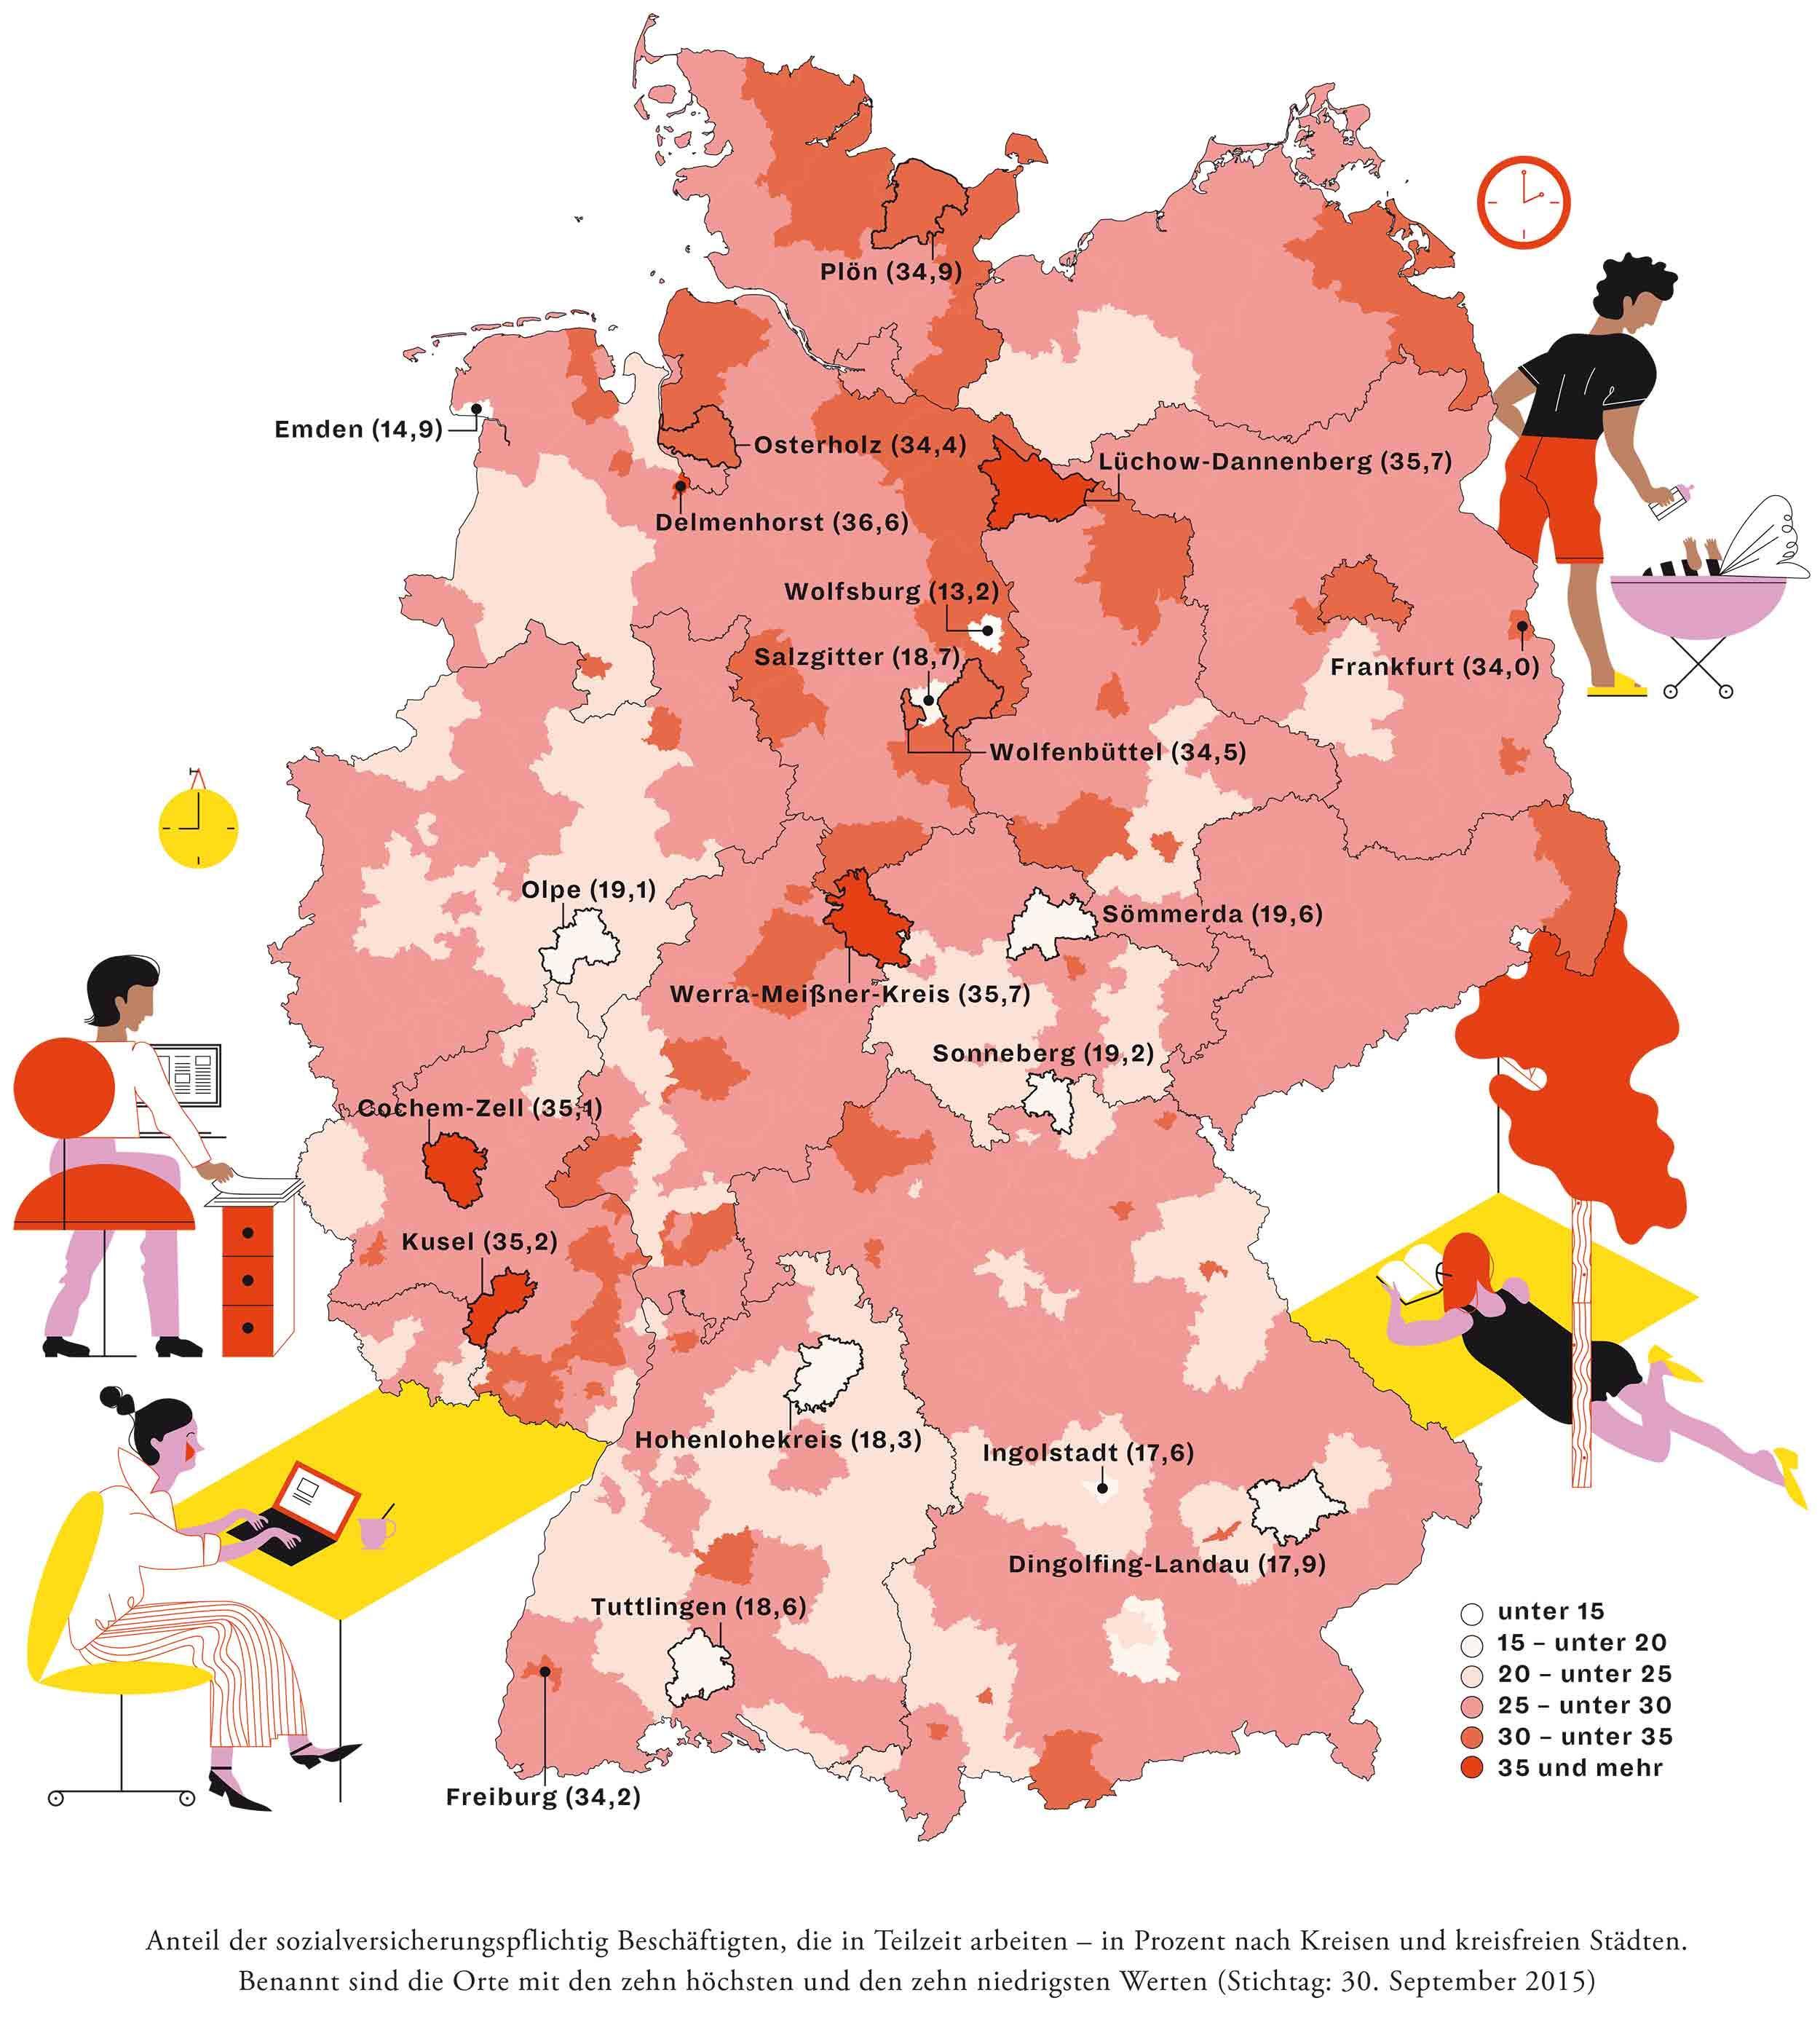 Deutschlandkarte: Teilzeitarbeit